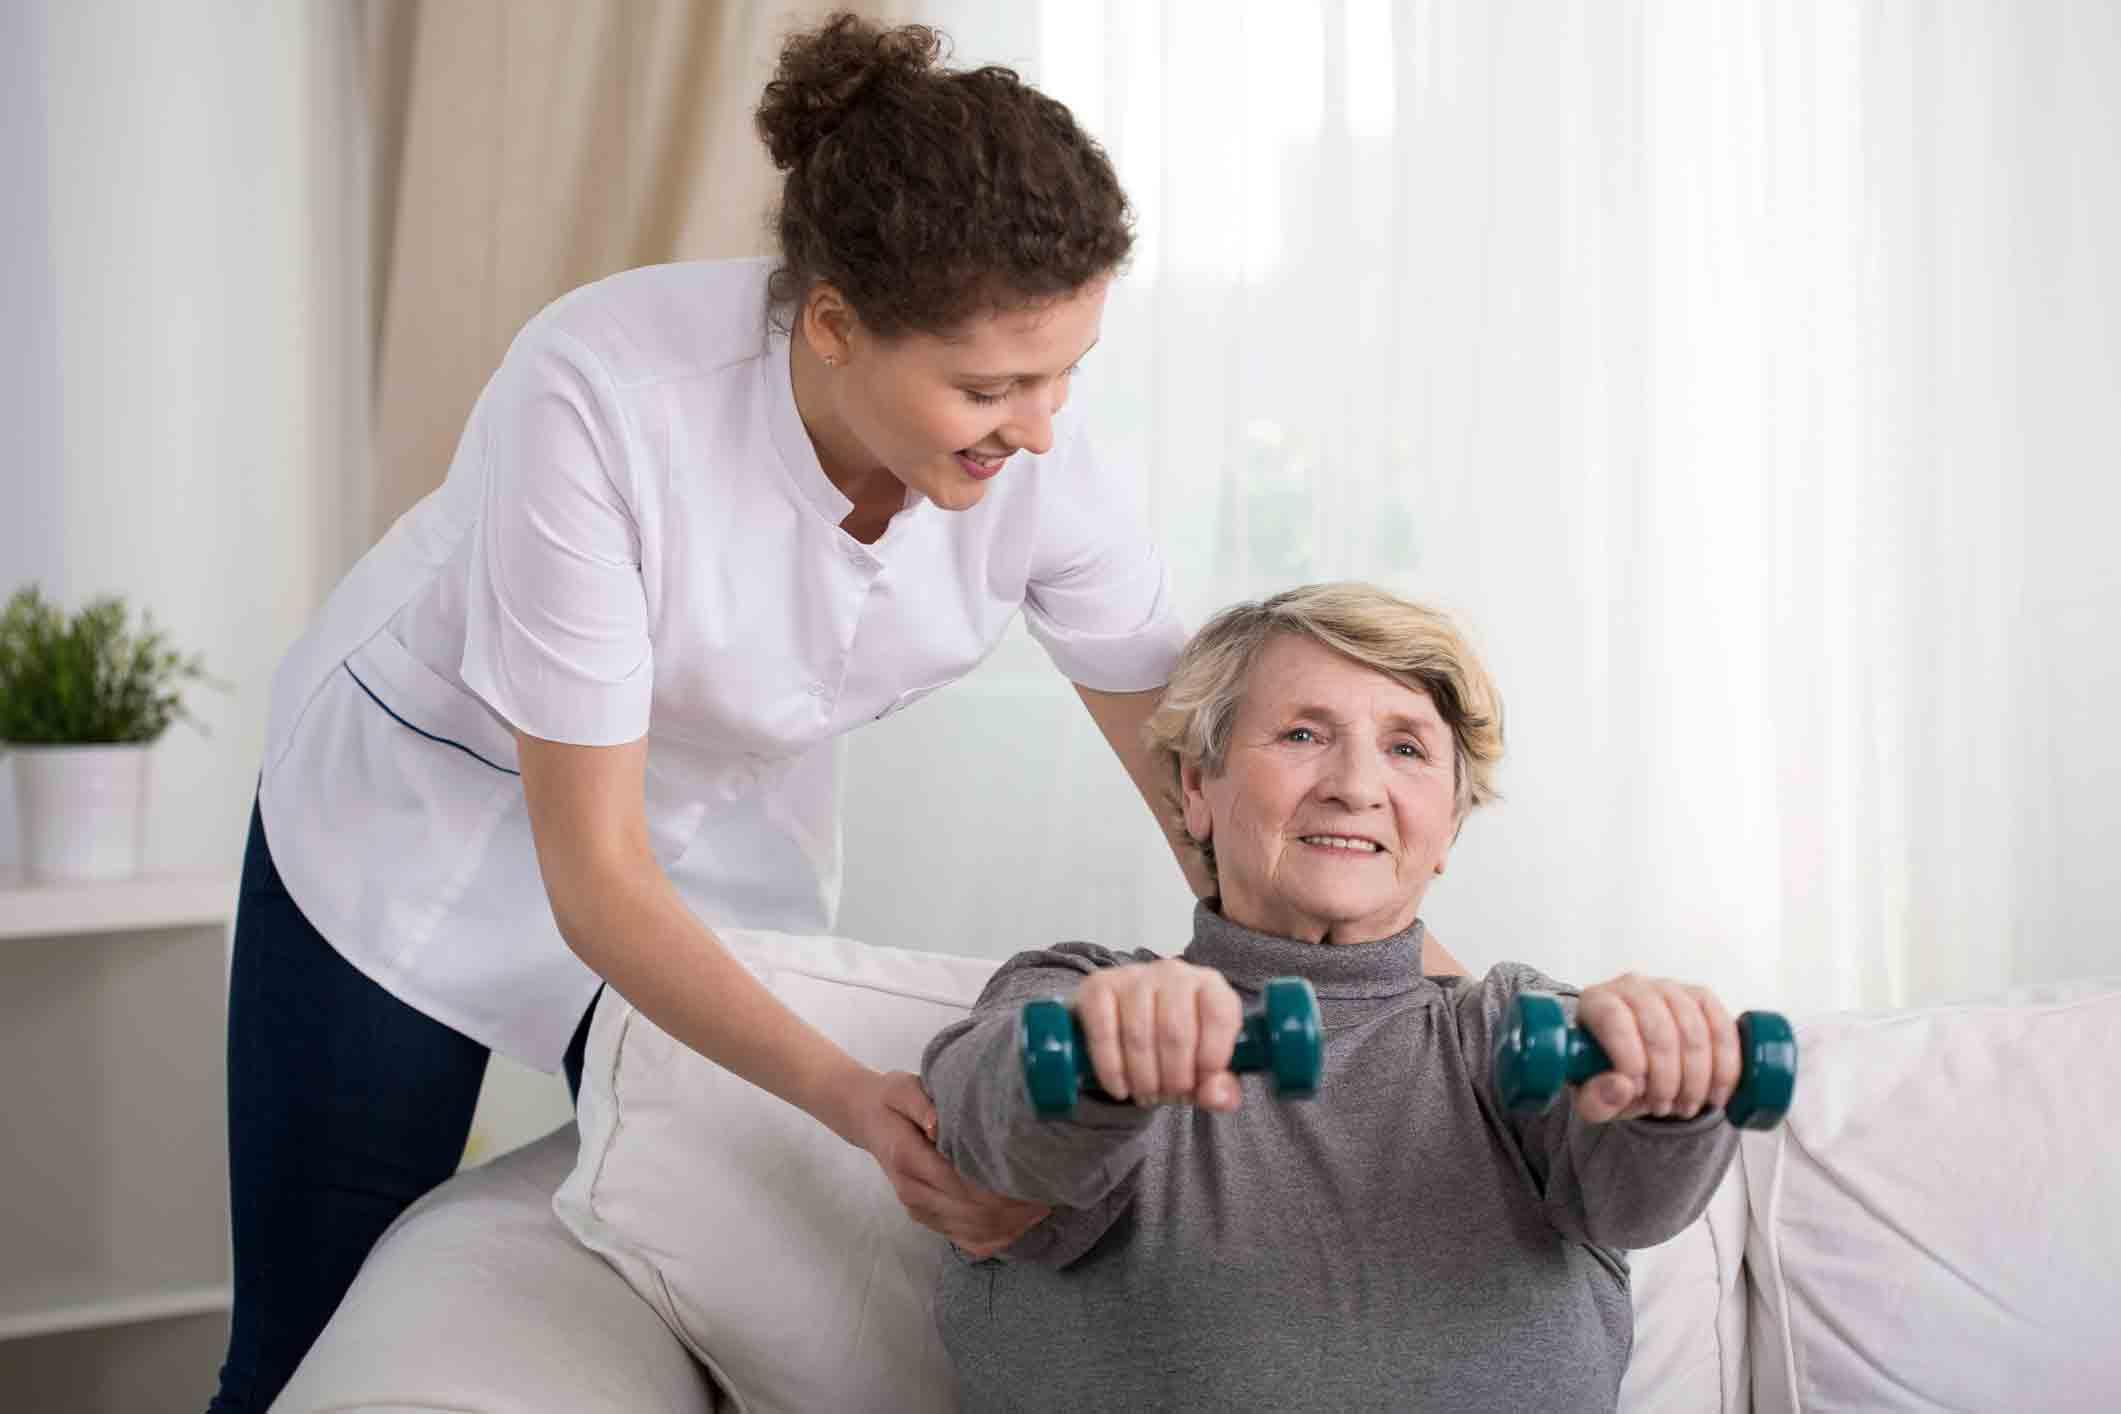 ورزش کردن سالمندان در منزل   مرکز پارسیان مهرپرور